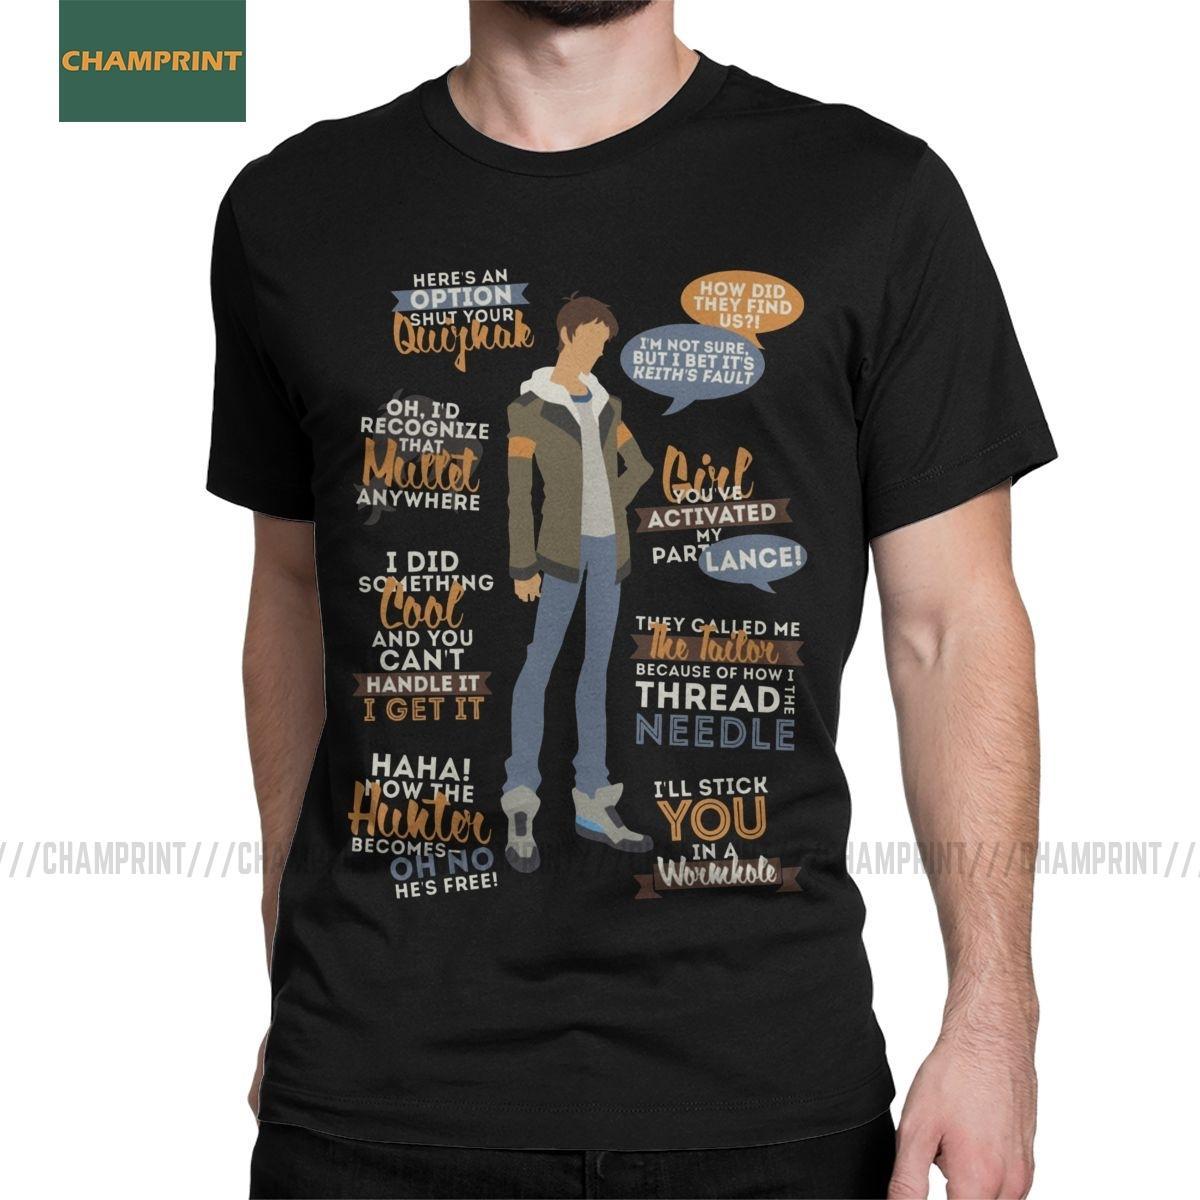 Lance Voltron défenseur de l'univers T-shirt coton pour hommes T-shirts Legendary Keith Shiro Pidge Hunk Anime T-shirts manches courtes